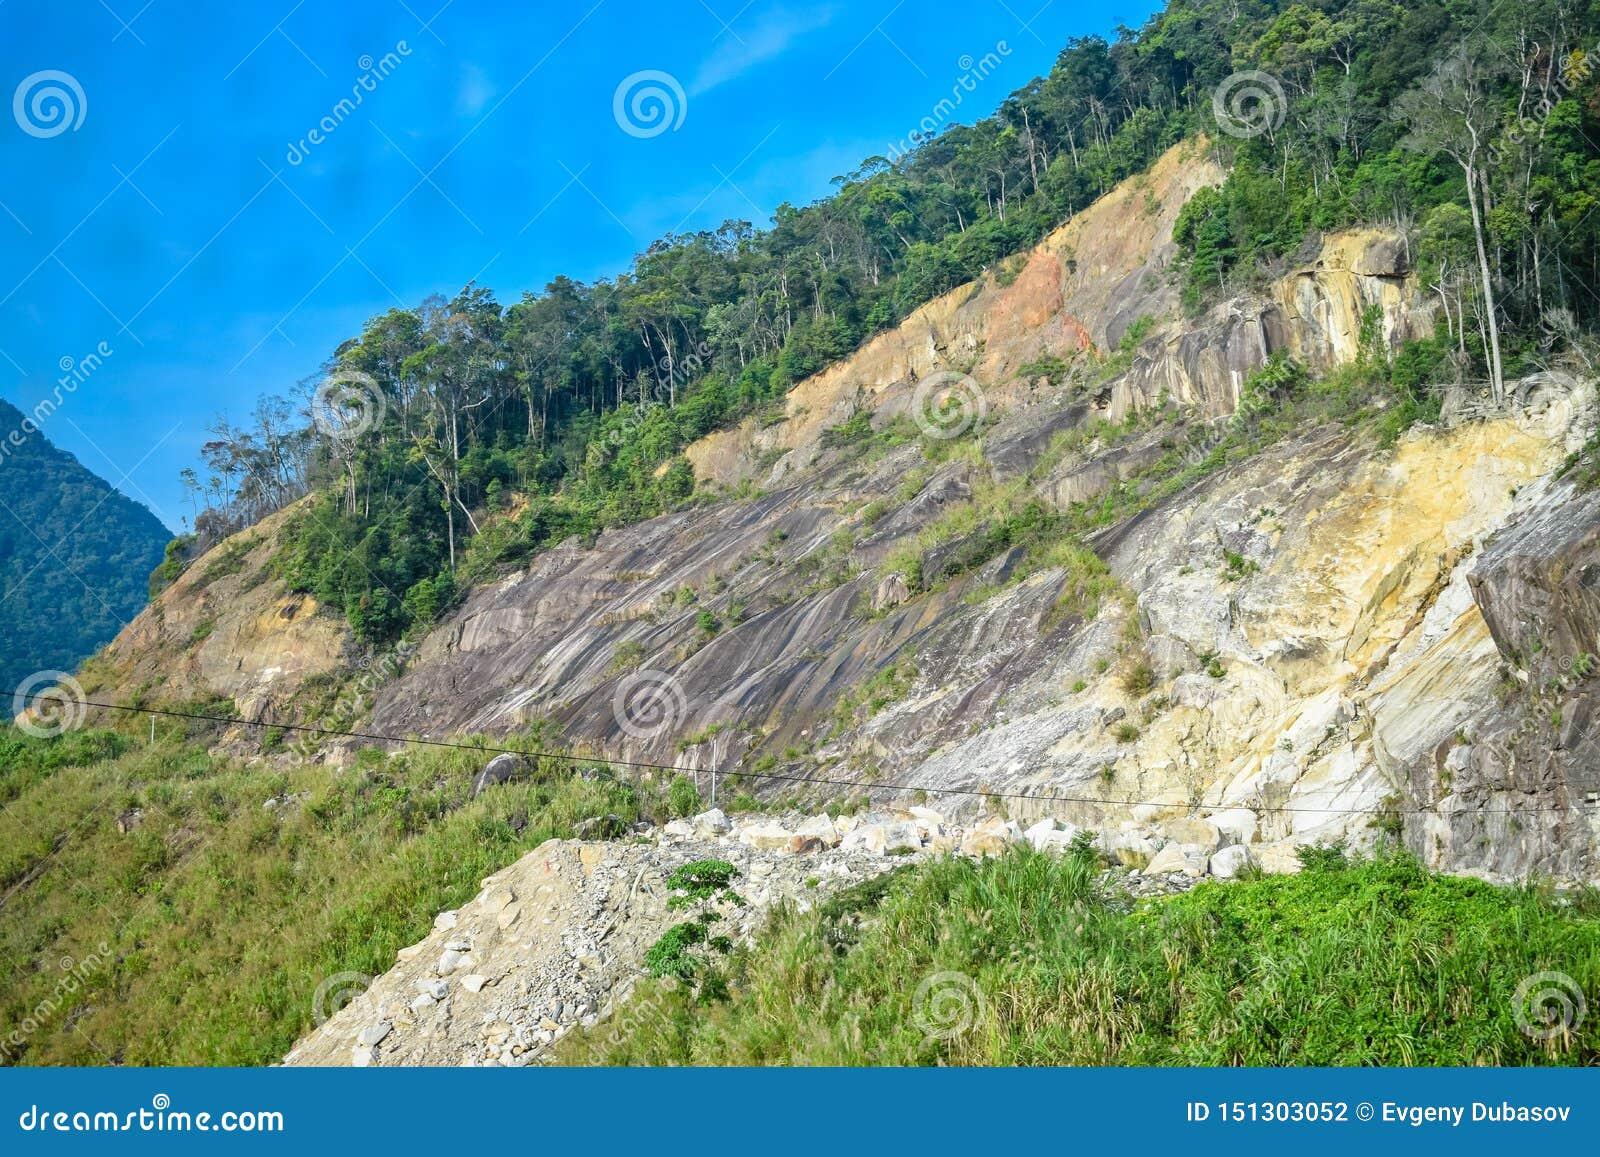 Καθίζηση εδάφους στον απότομο βράχο του βουνού με τη ζούγκλα